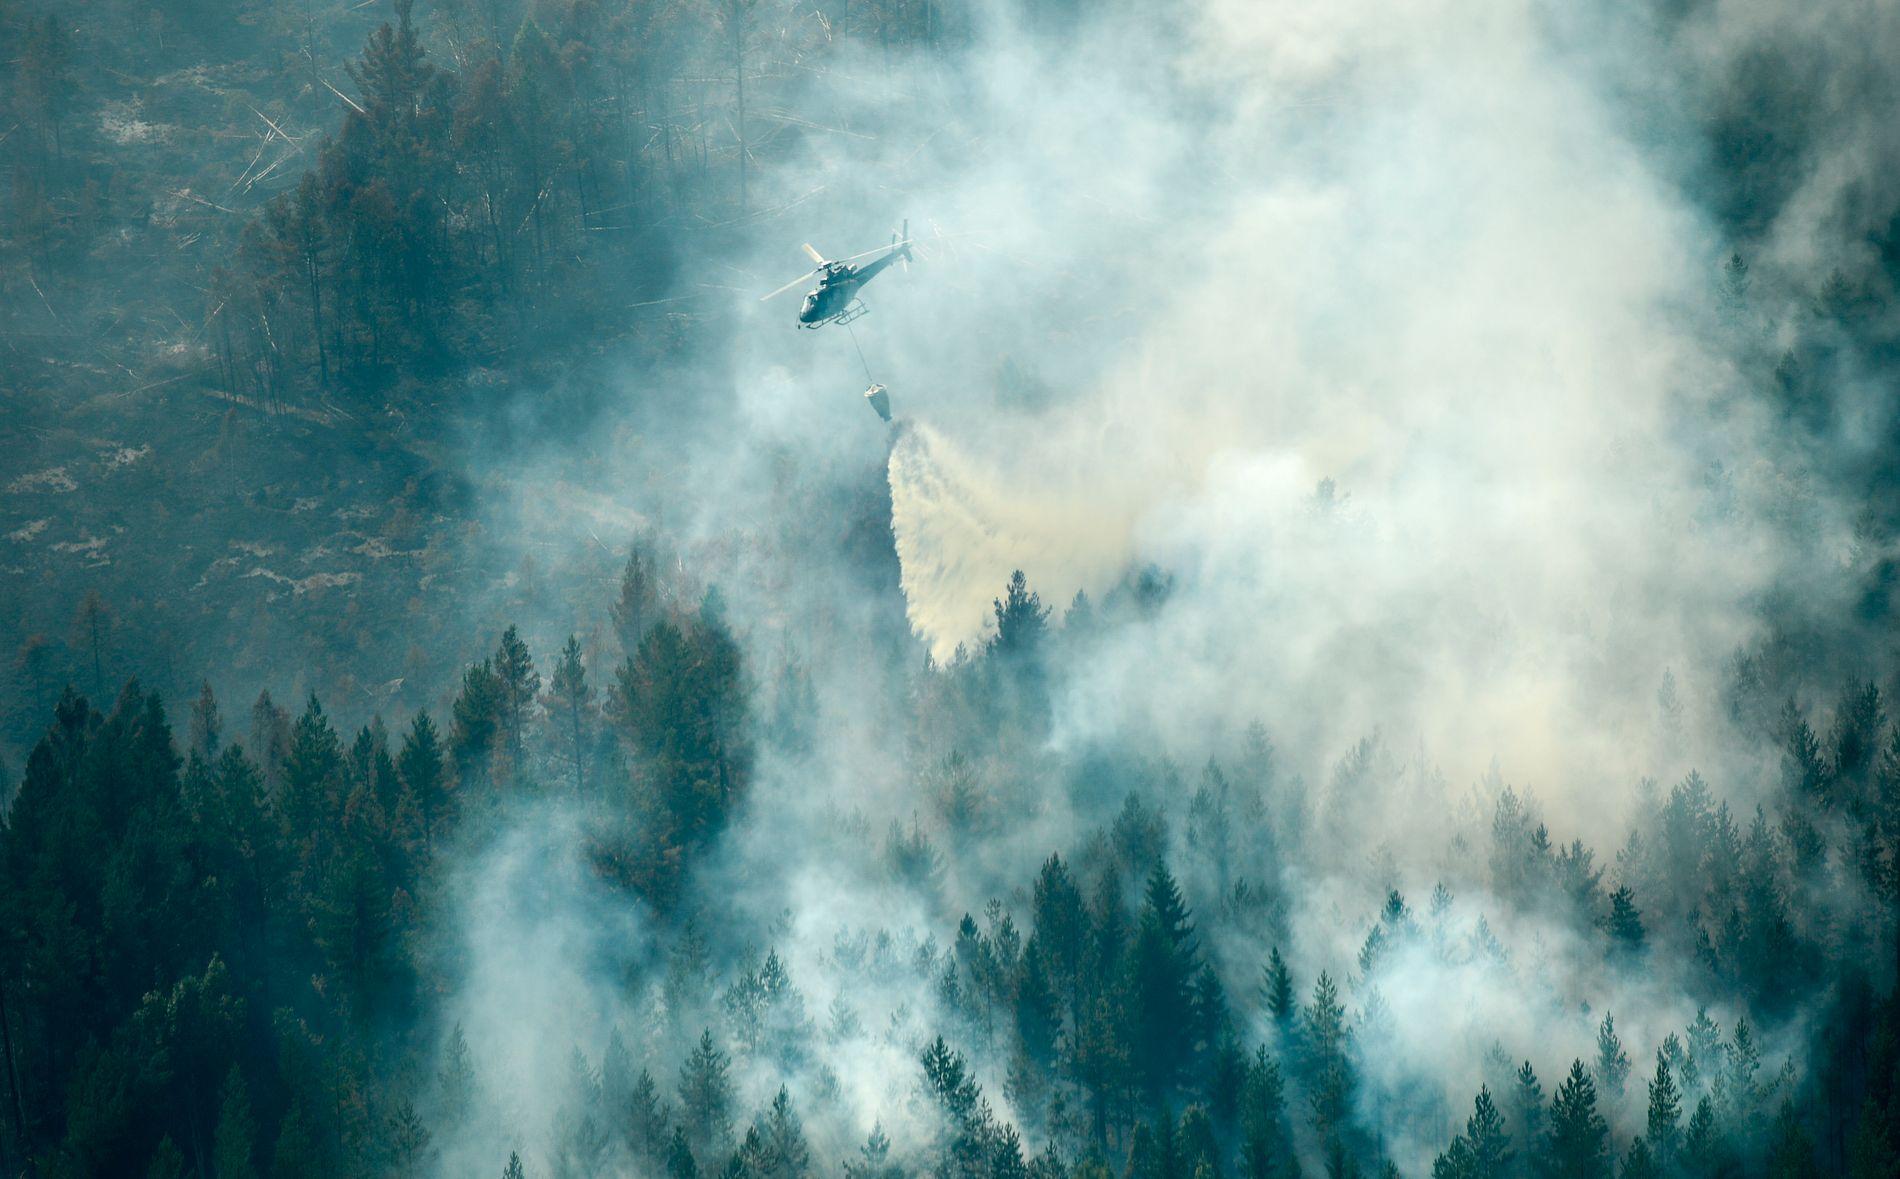 NOK KAPASITET: - Slukningsarbeidet har vist at de nordiske landene trenger å sikre at det finnes nok kapasitet til å slukke branner i hele Norden, skriver kronikkforfatterne. Bildet er fra slukningsarbeid i Ljusdal i Sverige.